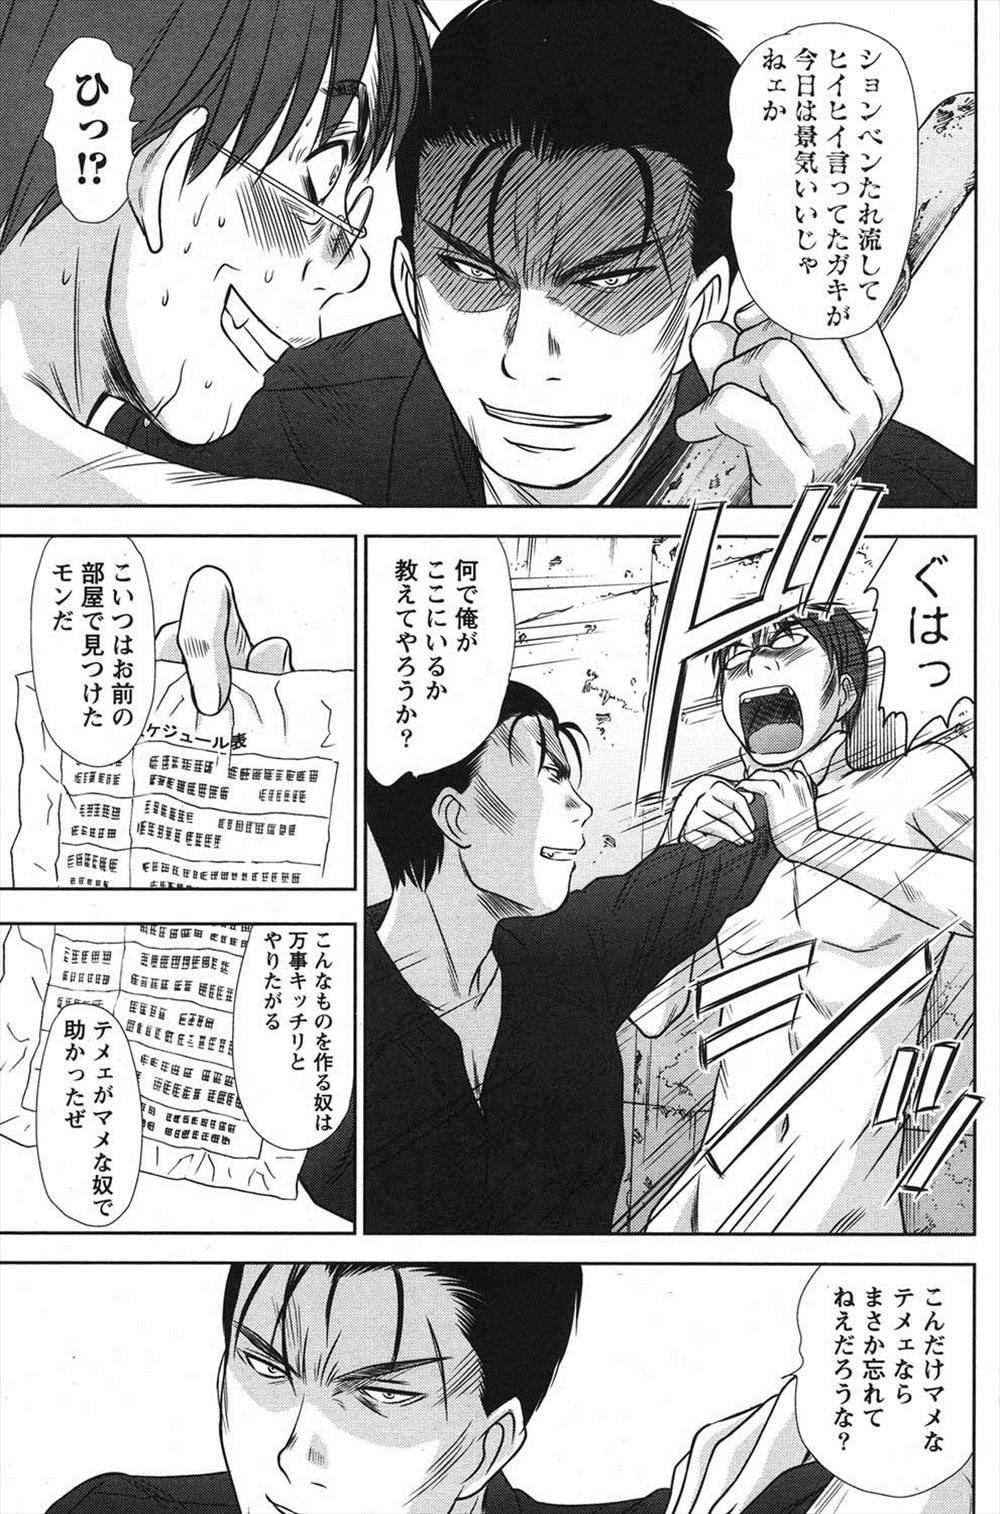 【エロ漫画同人誌】マネージャーに犯されかけた美少女アイドルがヤクザの男に助けられて抱いてもらう展開に♡ 005